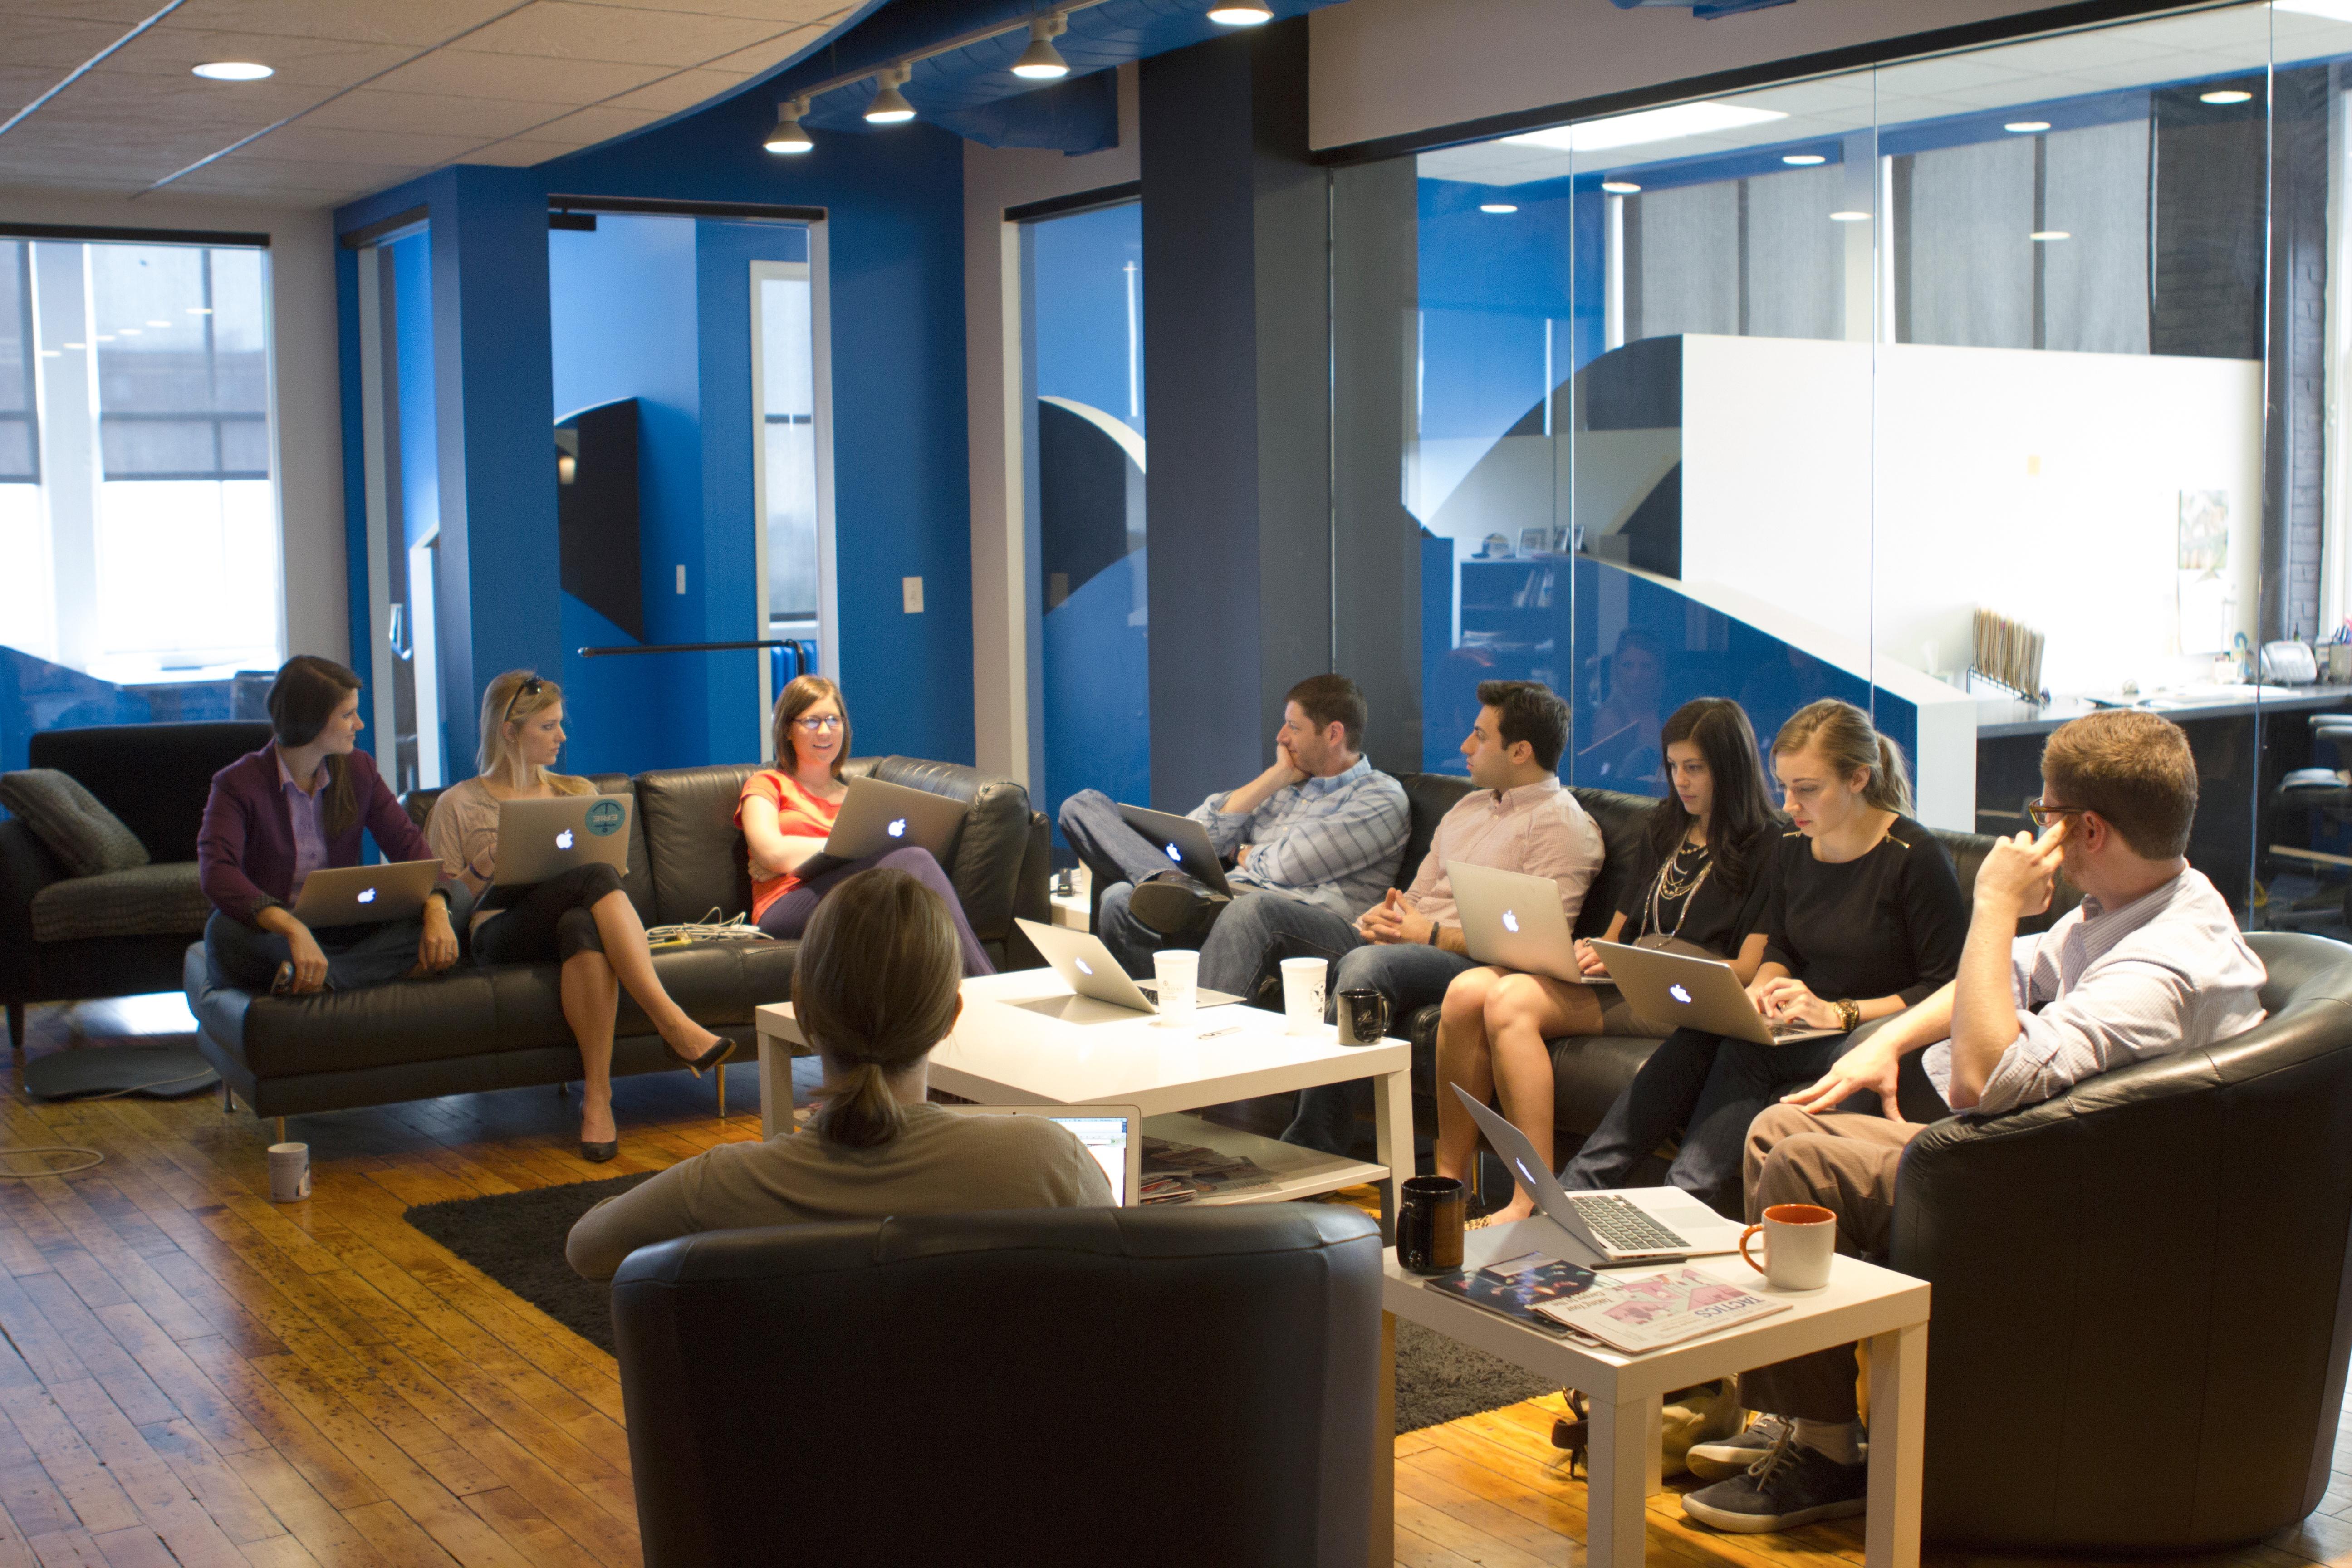 Office-photos010-1.jpg